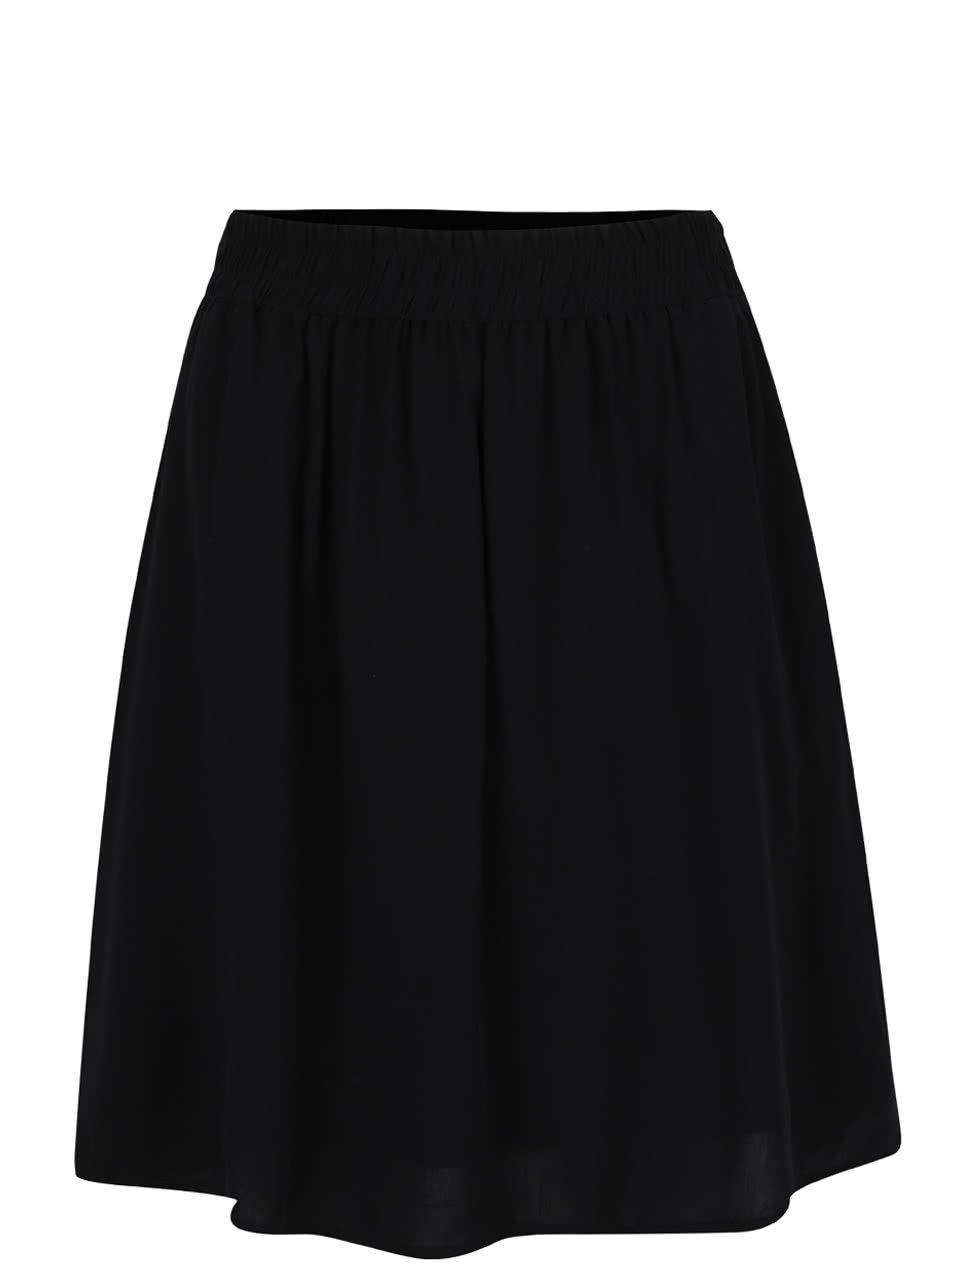 Černá sukně s kapsami Broadway Diamond